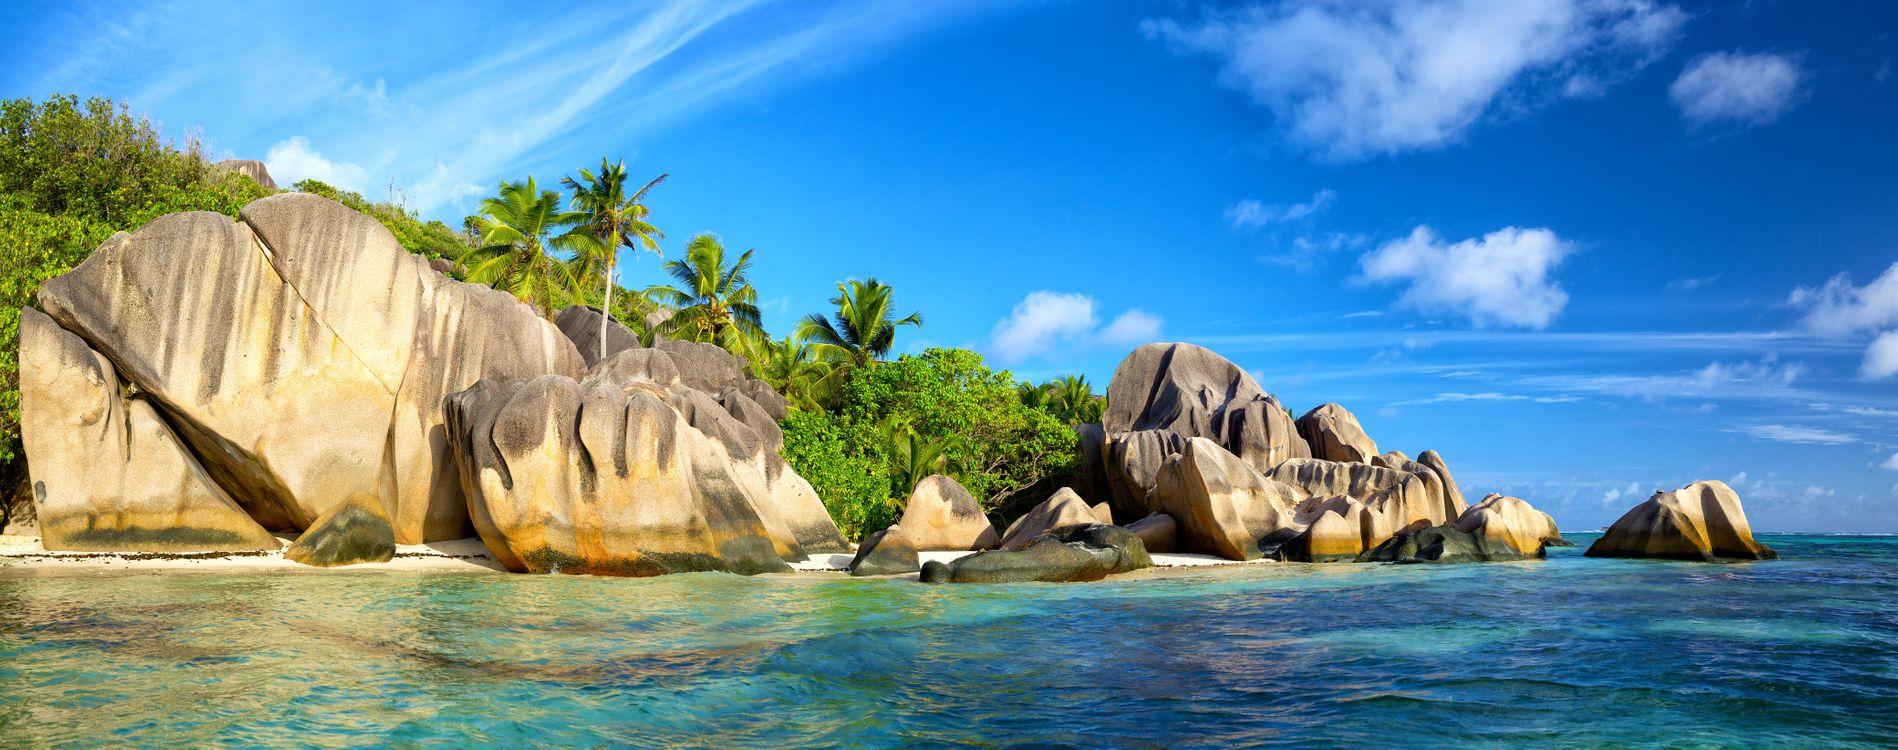 Фото бесплатно море, пейзаж, океан - на рабочий стол